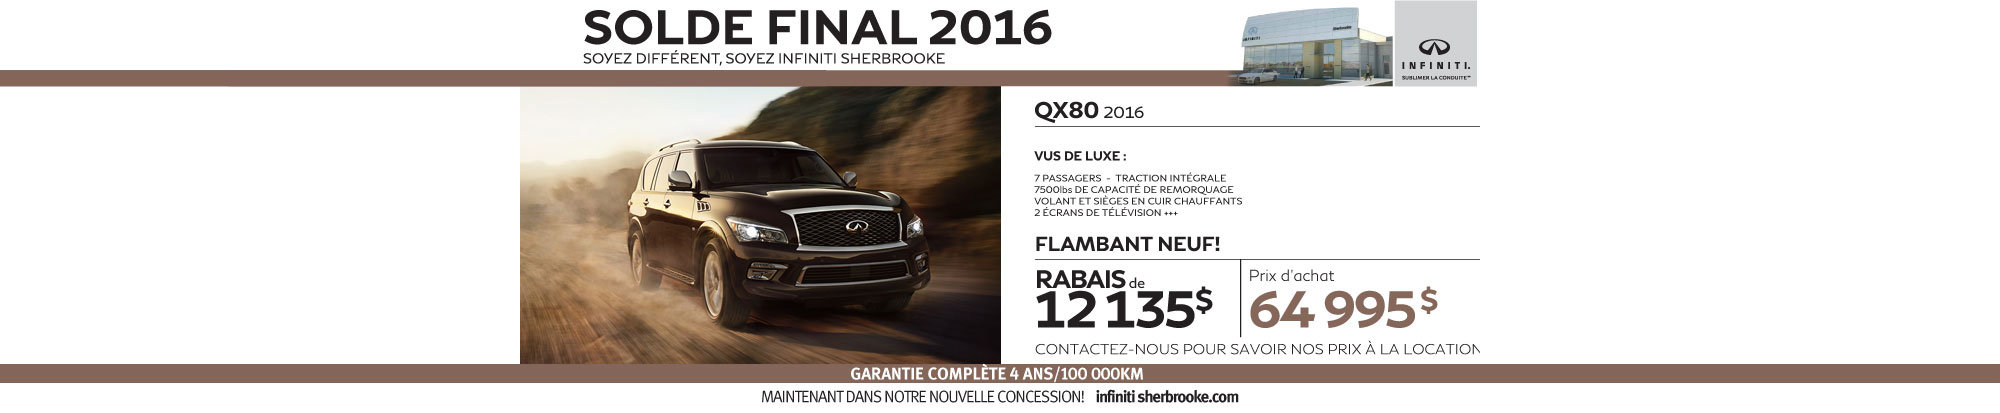 La nouvelle QX80 2016 en rabais